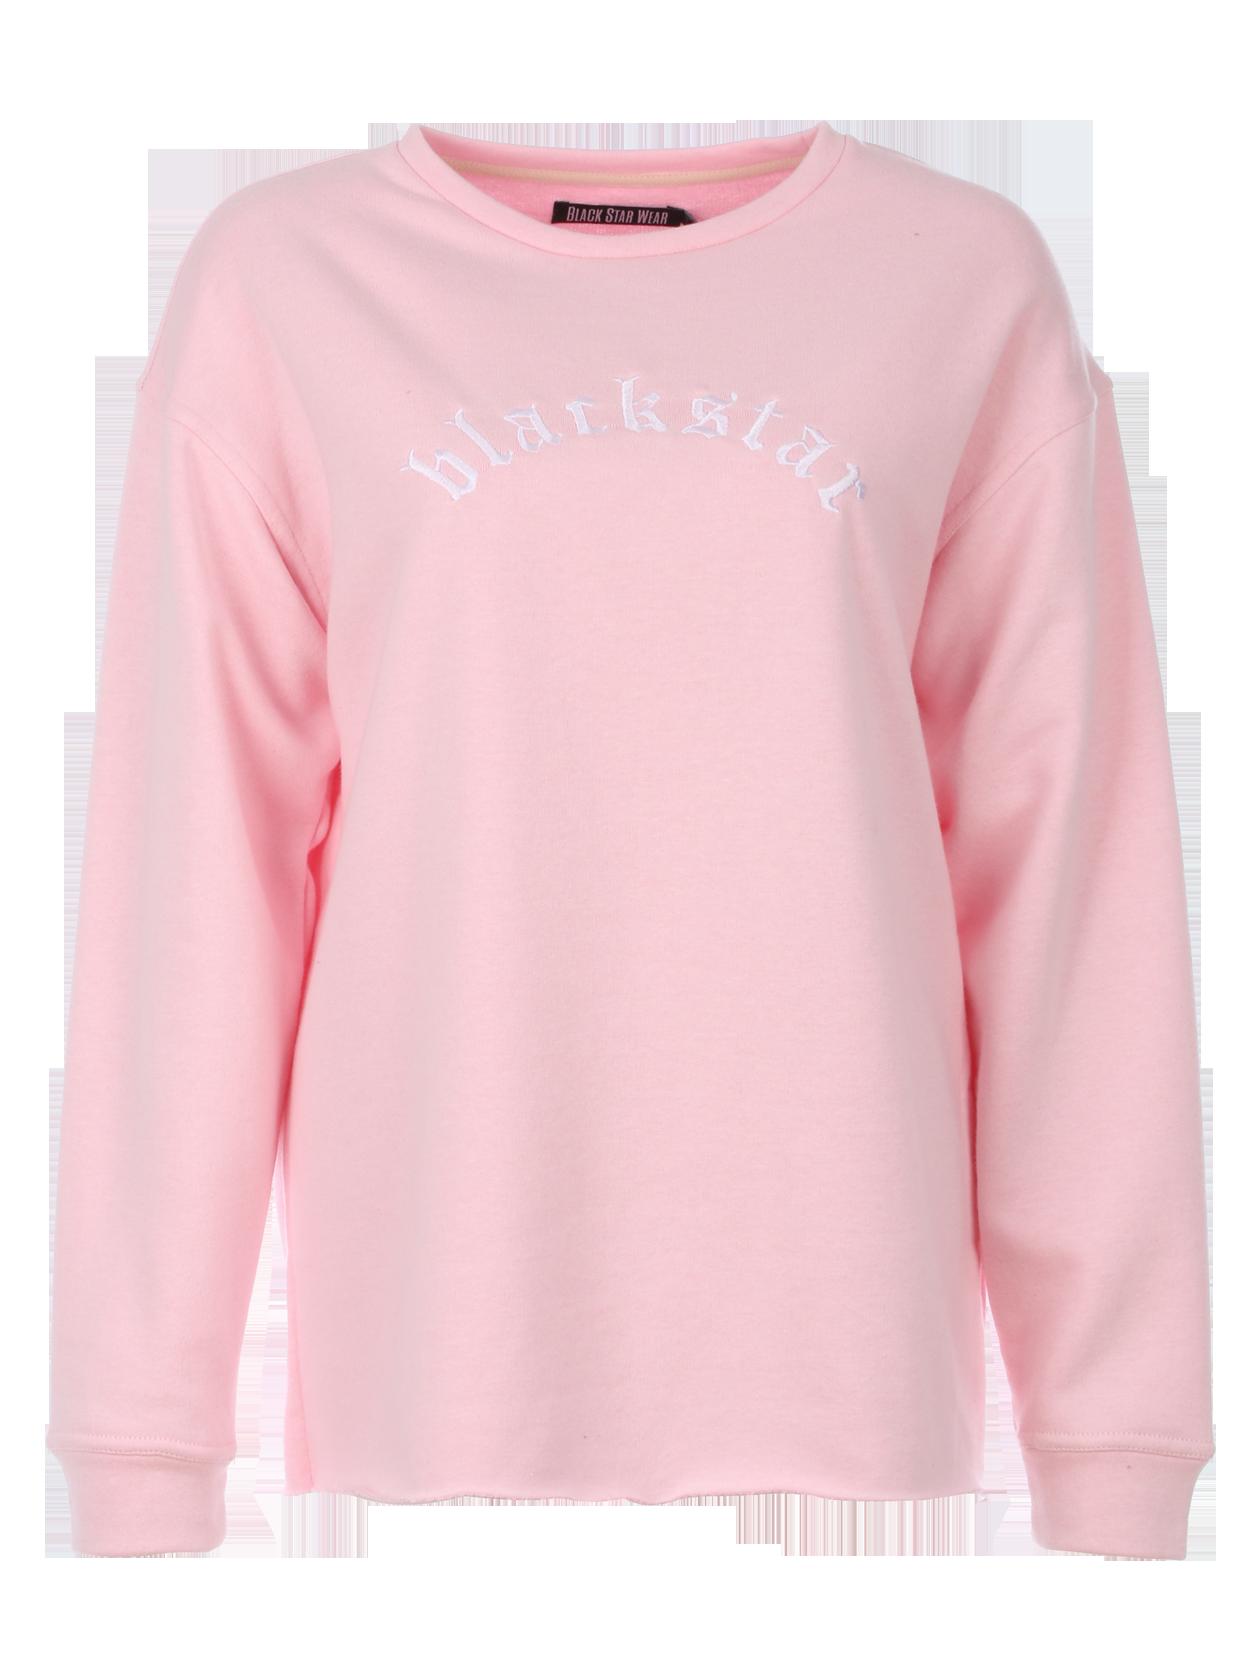 Толстовка женская EssentialЖенская толстовка Black Star Wear. Свободный крой, спущенная линия плеча. Округлая горловина, манжеты. Необработанный нижний край. Модель из бленда хлопка (80%) и полиэстра (20%). Доступна в розовом, чёрном, бежевом и молочном цветах.<br><br>Размер: S<br>Цвет: Розовый<br>Пол: Женский